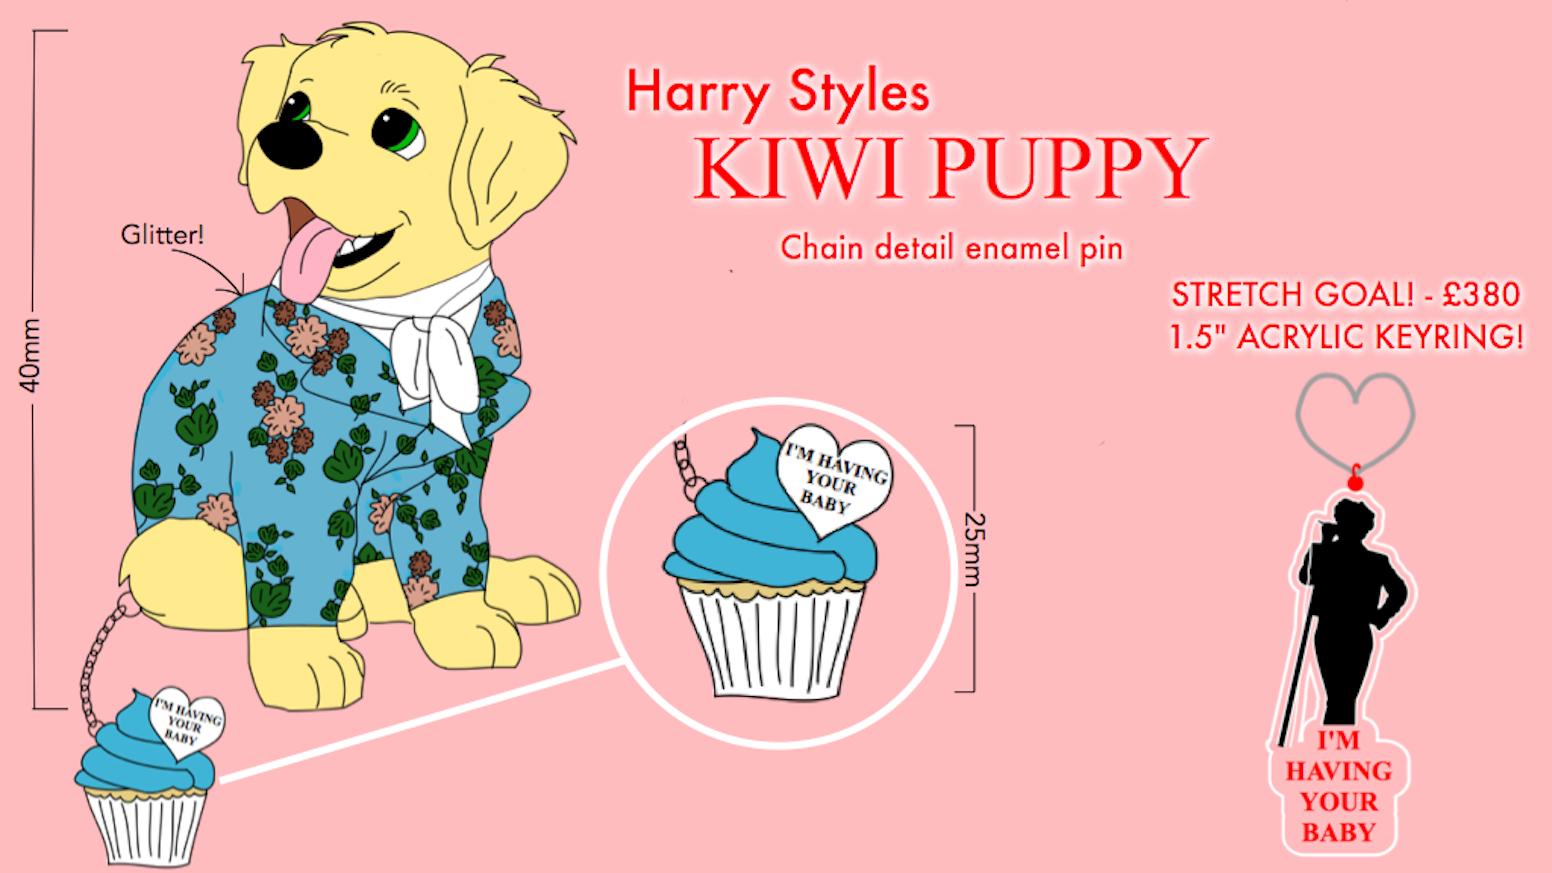 b4ee6c10aacd Harry Styles Kiwi Puppy Enamel Pin by A Little Bit Of Sparkle ...